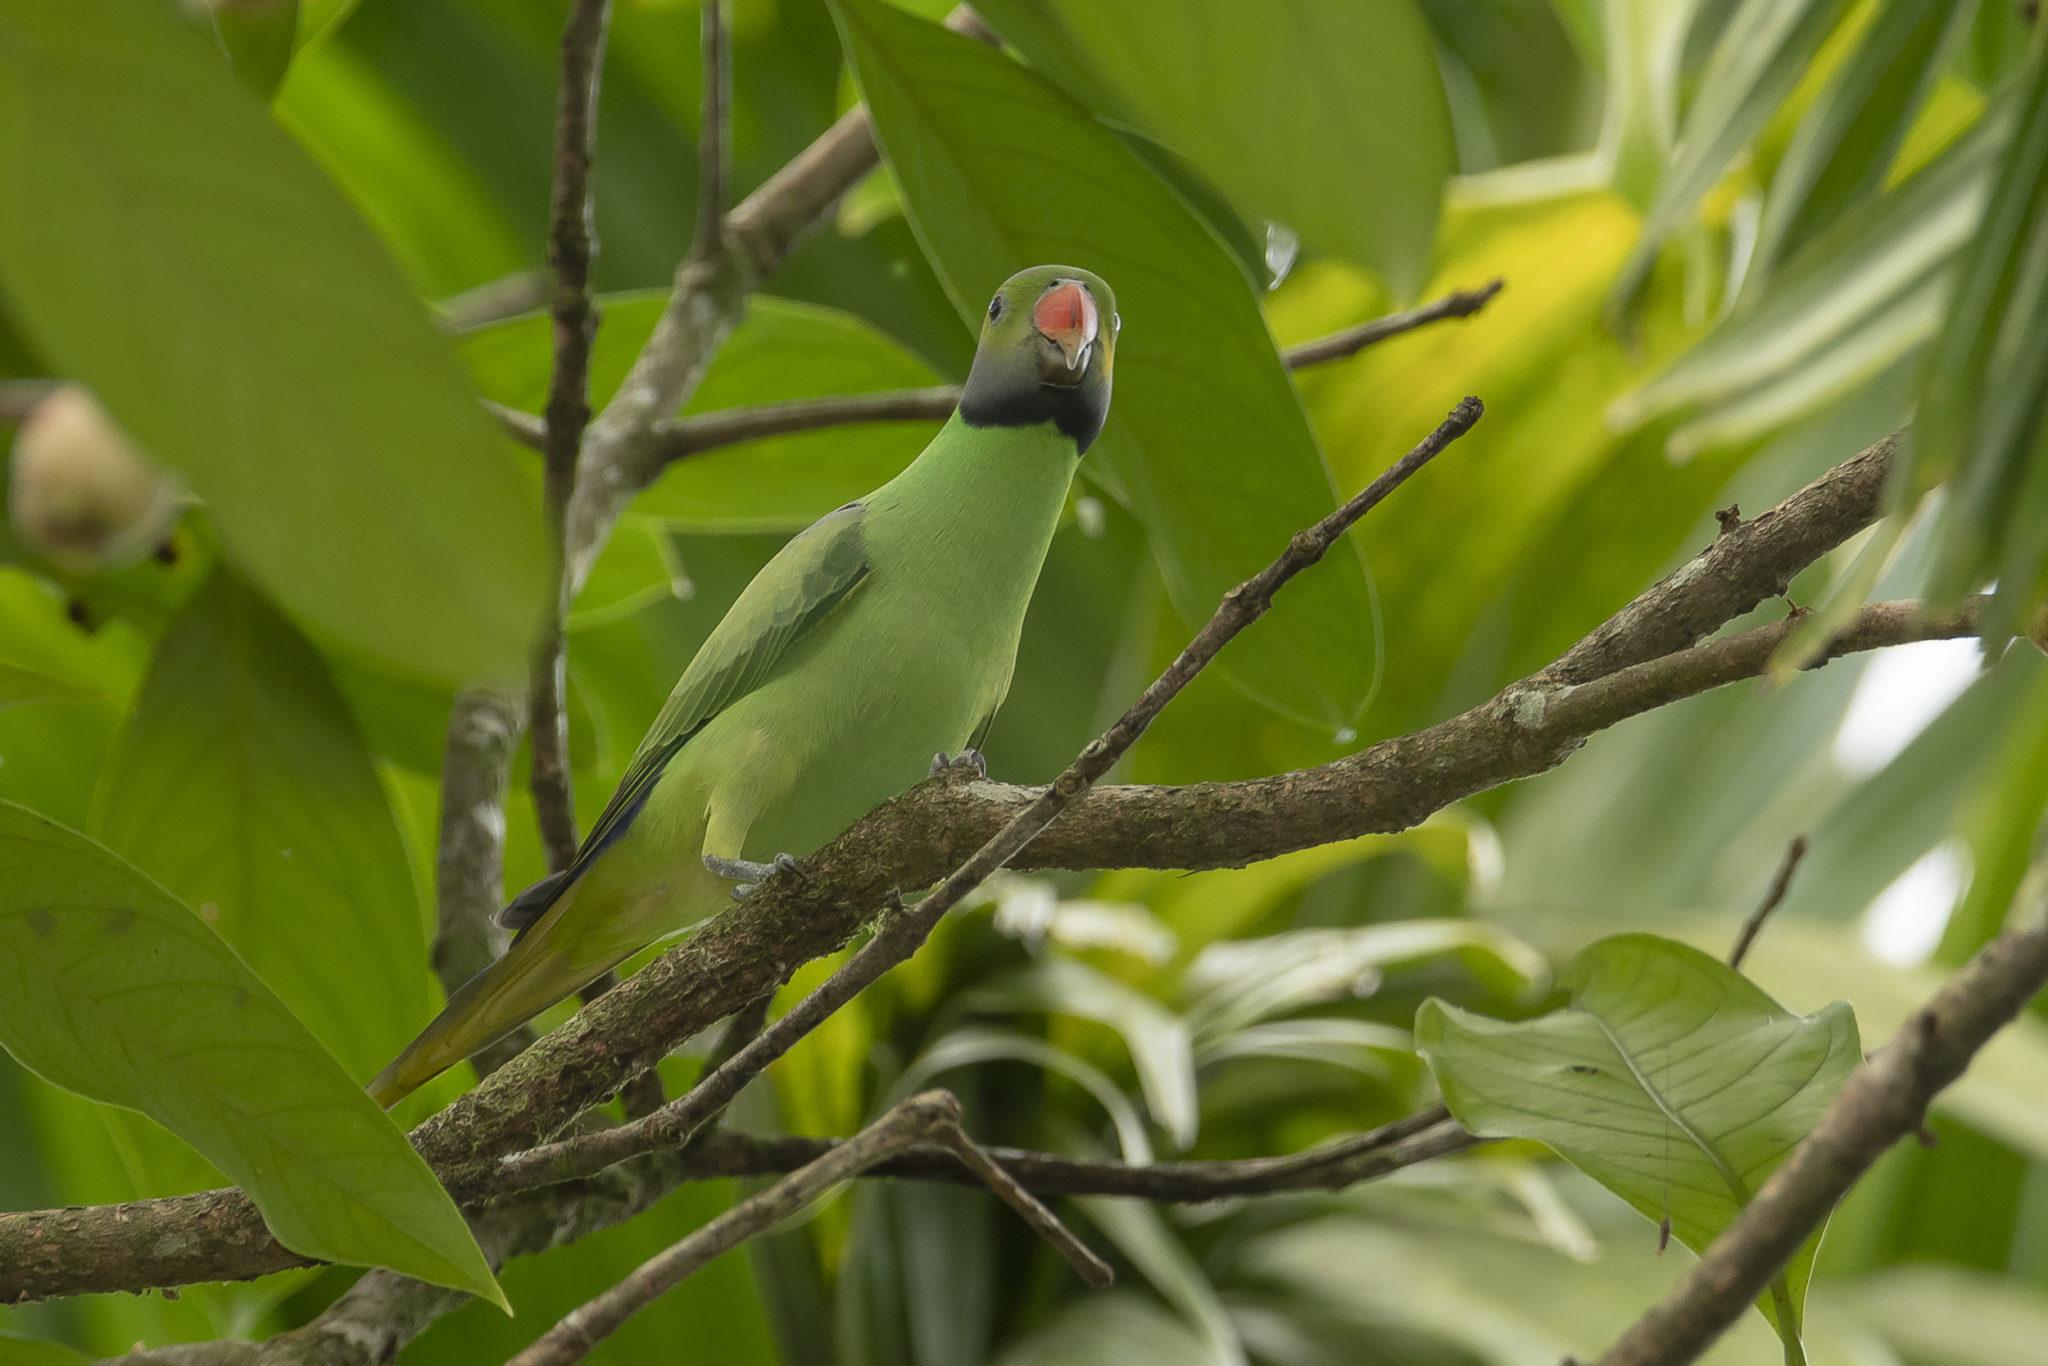 Blauschwanzedelsittich (Psittacula calthropae, Syn.: Psittacula calthrapae), endemische Art